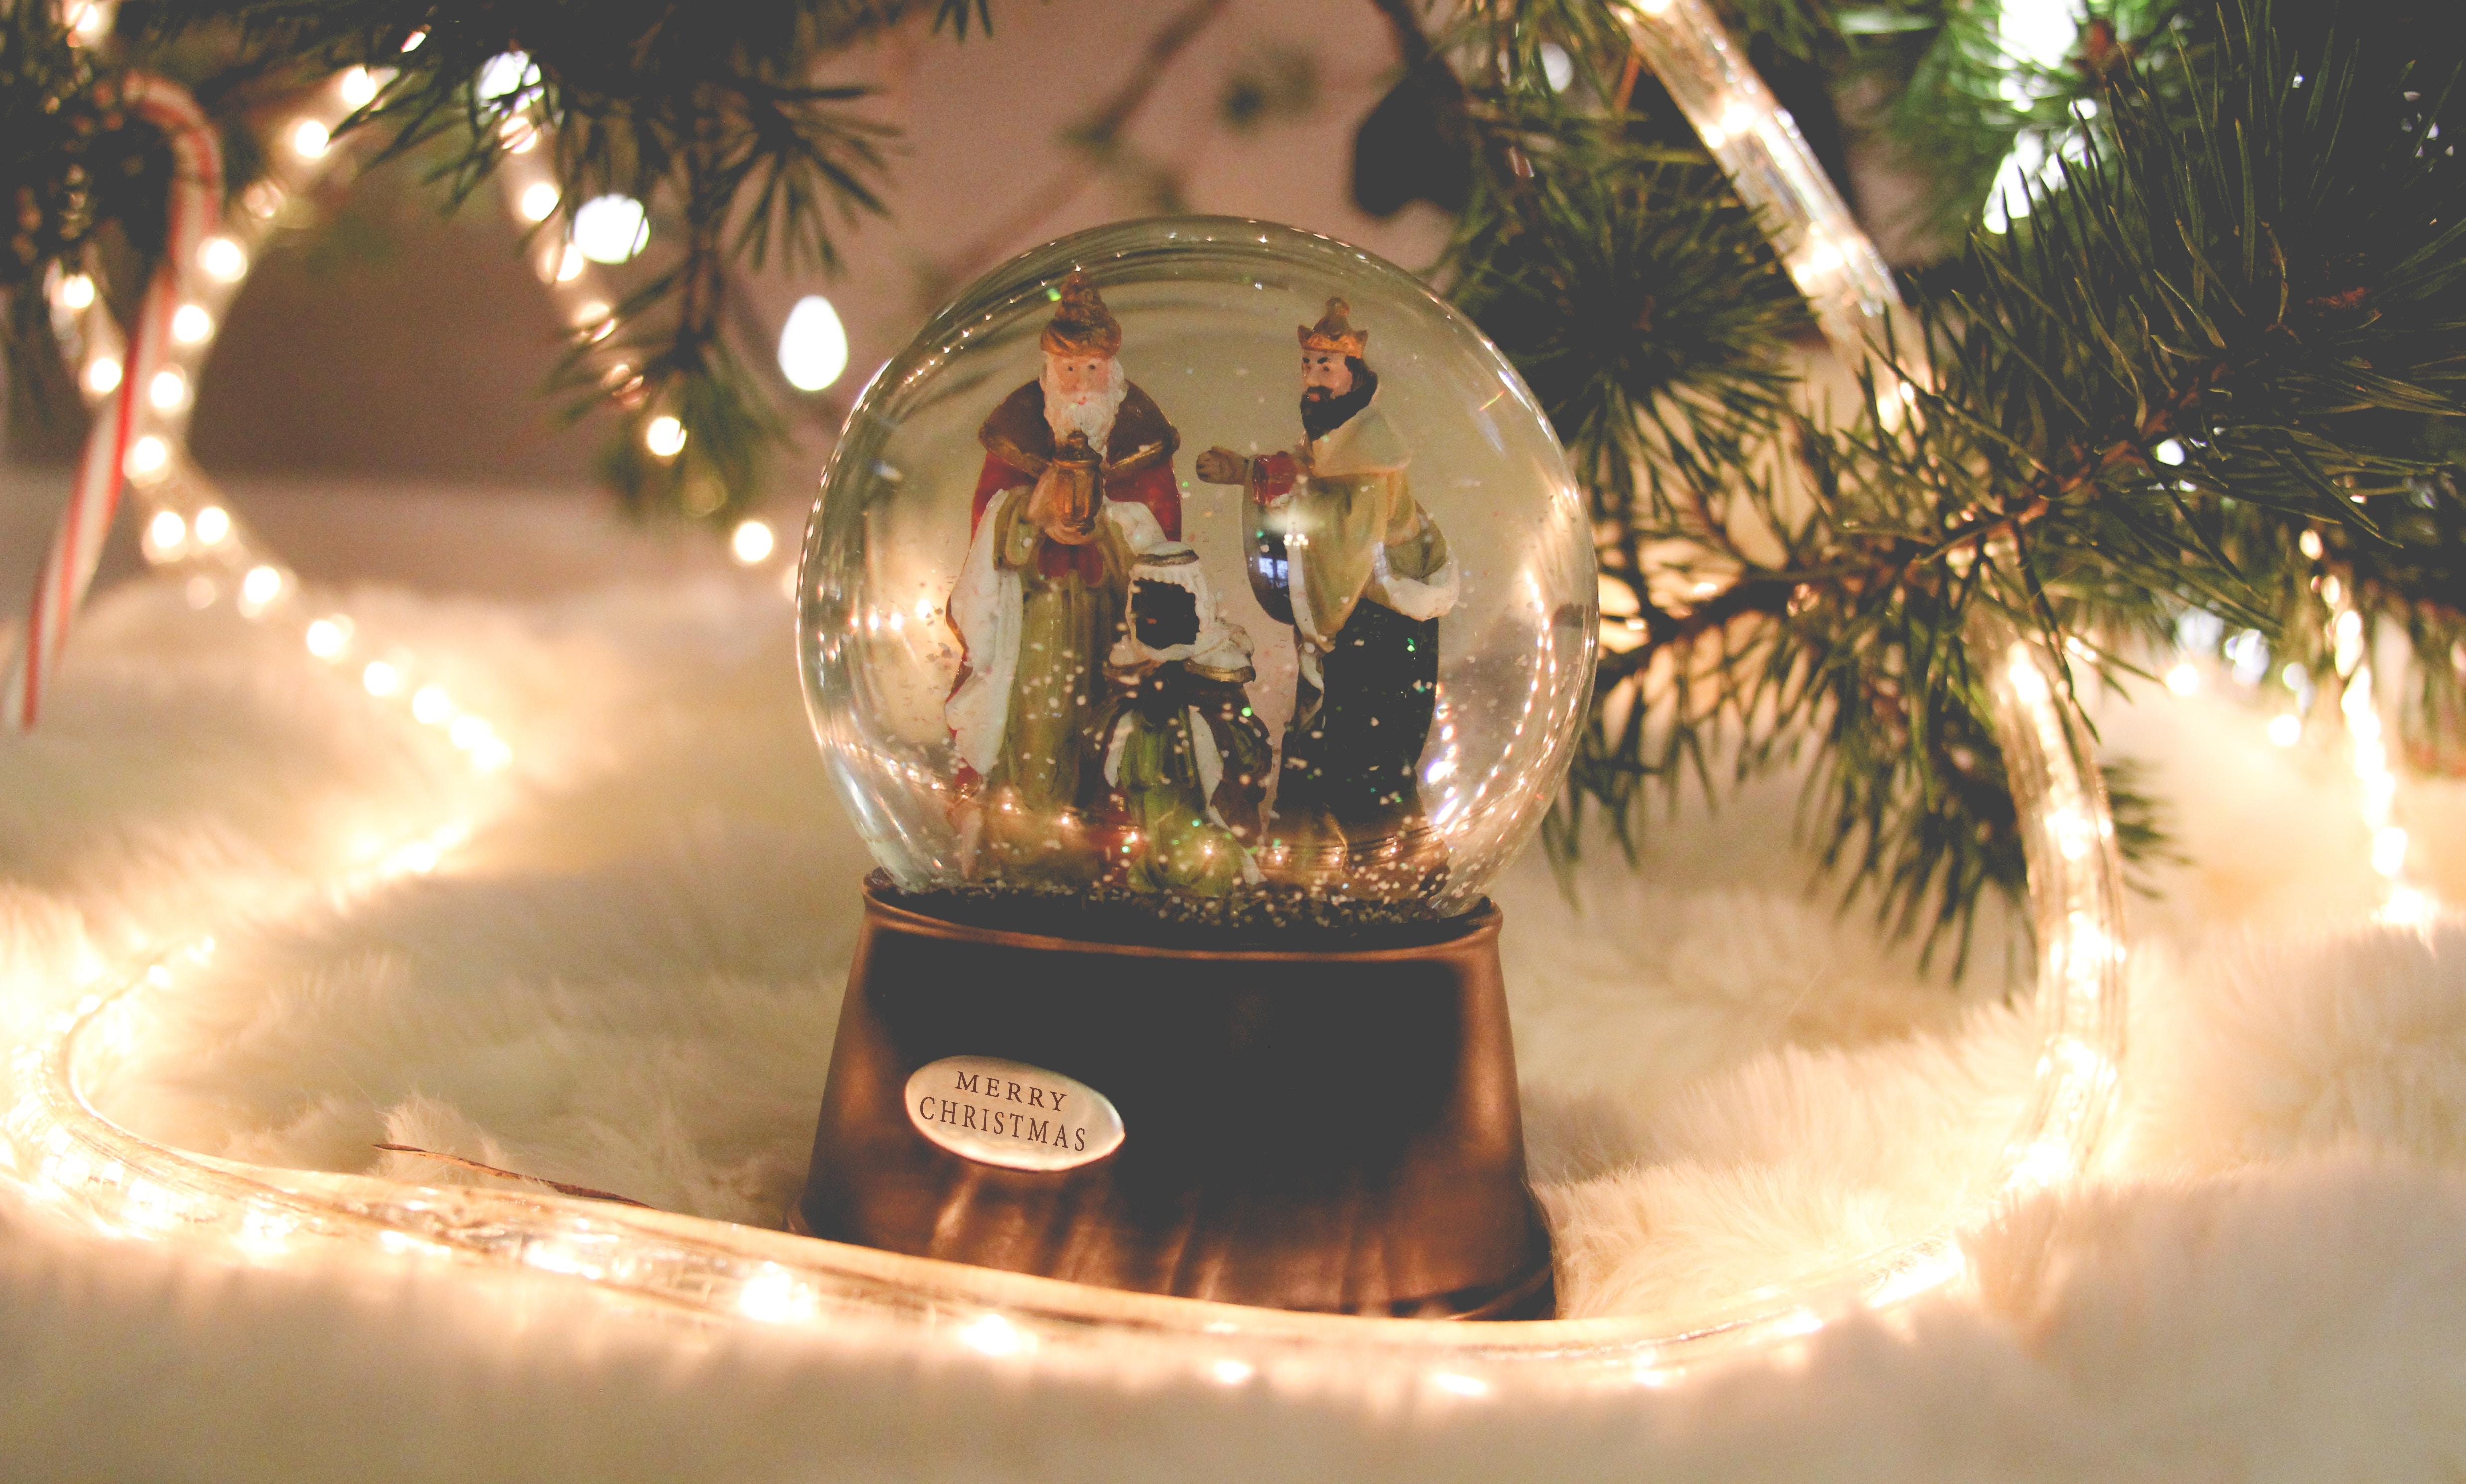 104088 Hintergrundbild herunterladen Feiertage, Neujahr, Weihnachtsmann, Weihnachten, Neues Jahr, Ball - Bildschirmschoner und Bilder kostenlos